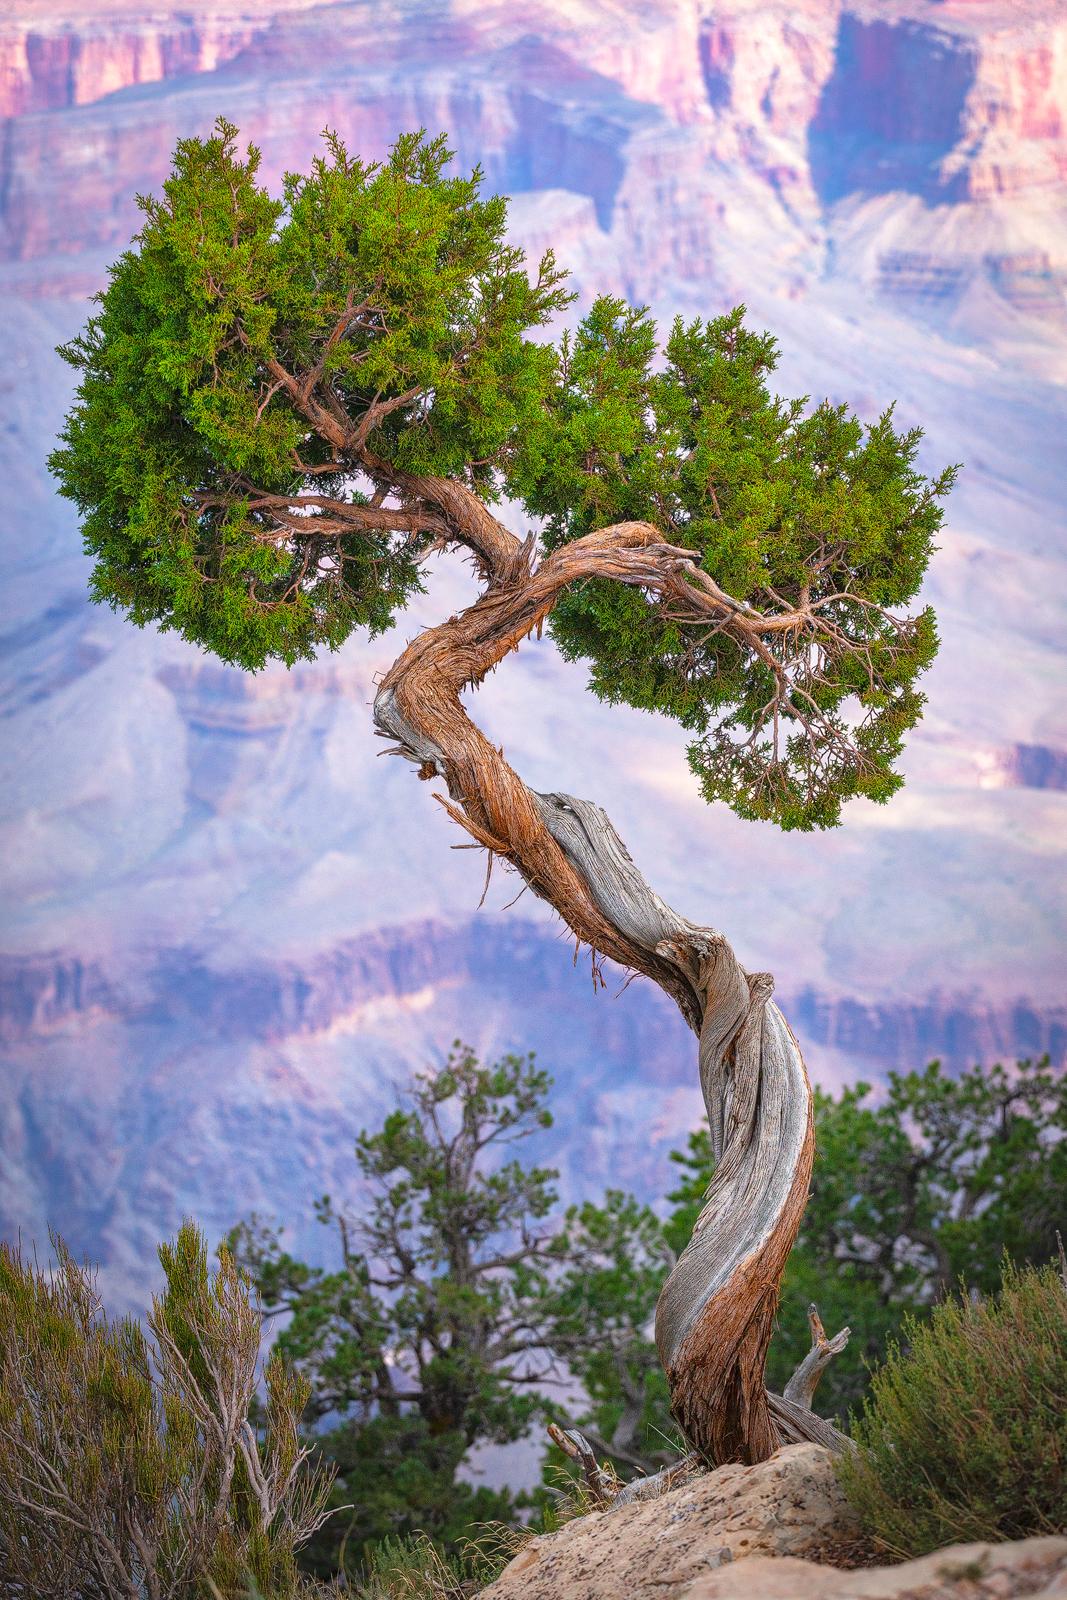 Nature - Photo 19